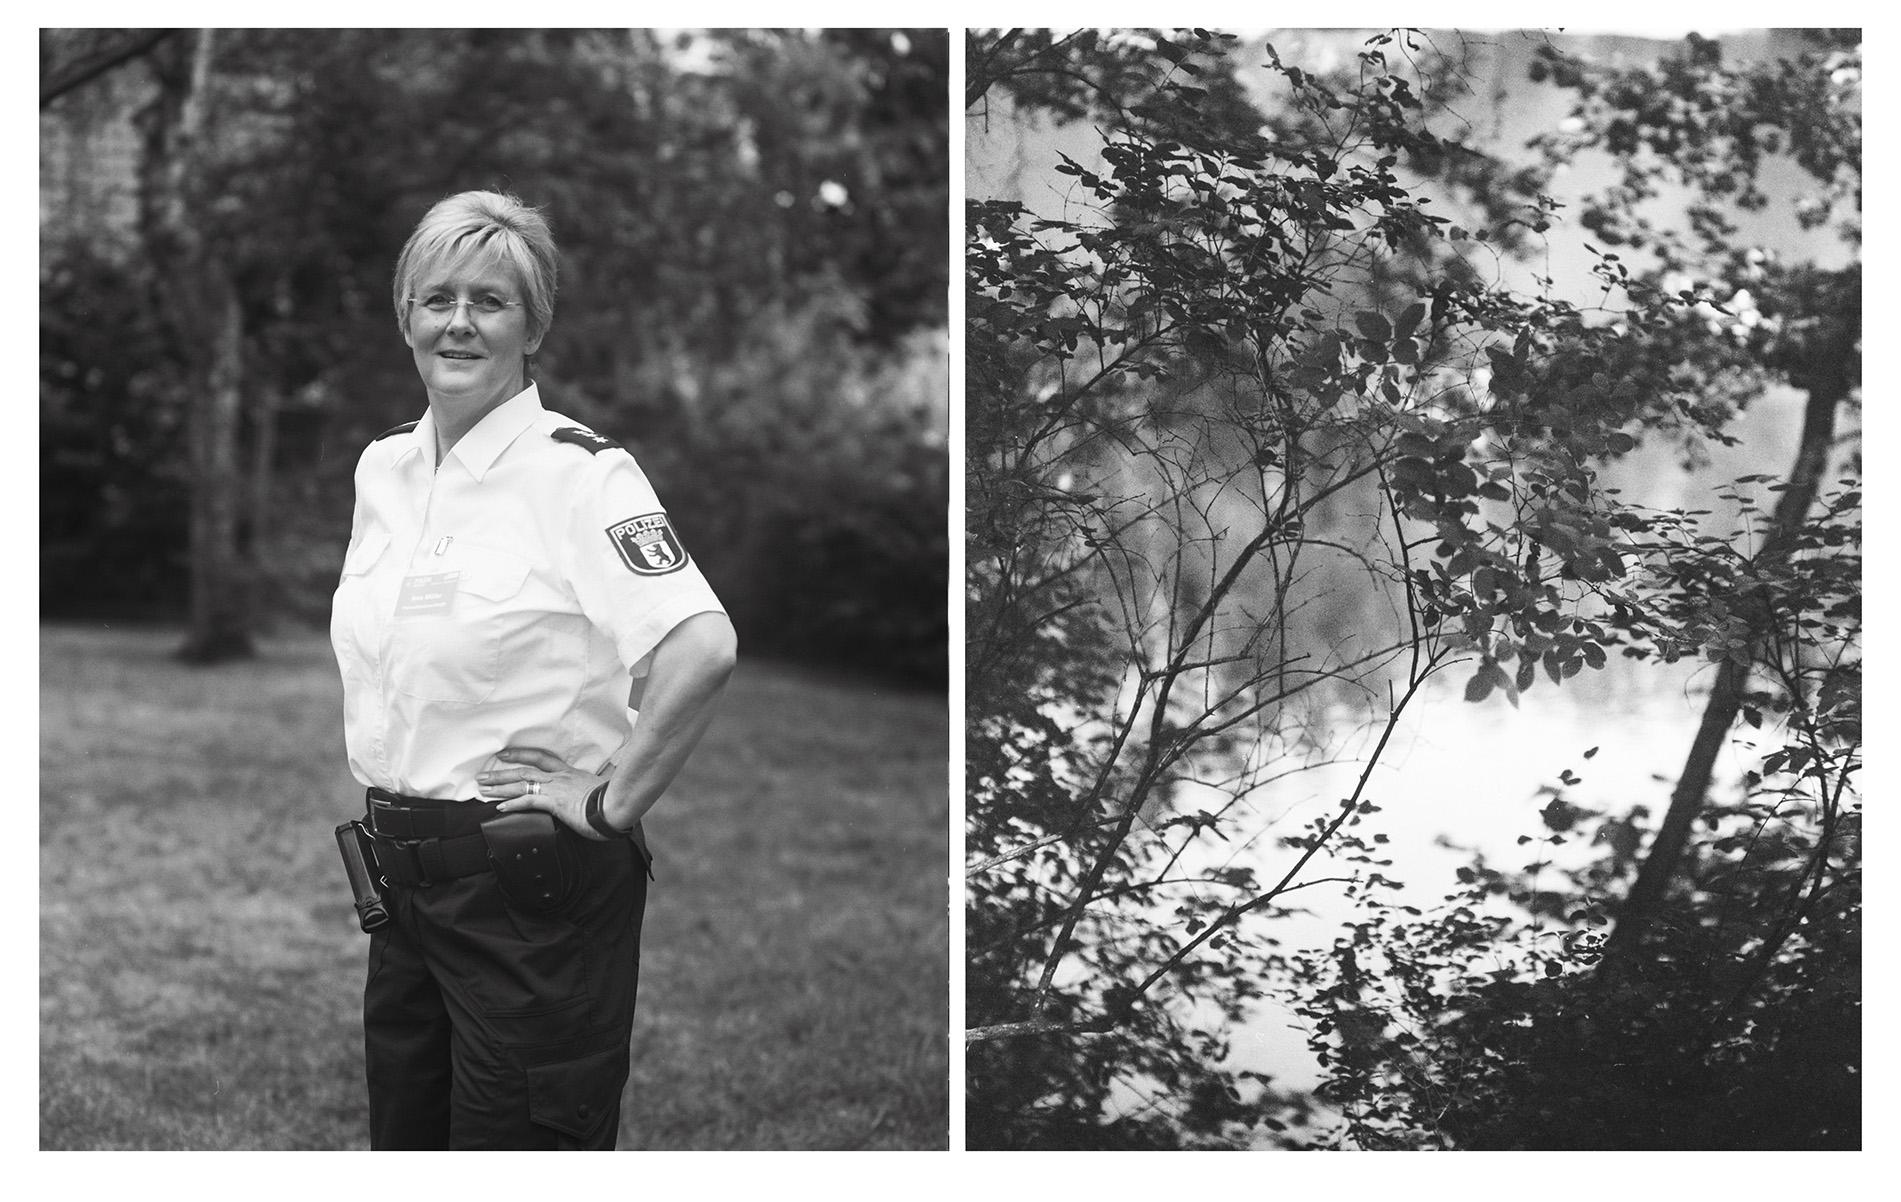 6_Steglitz_PoliceWoman_180